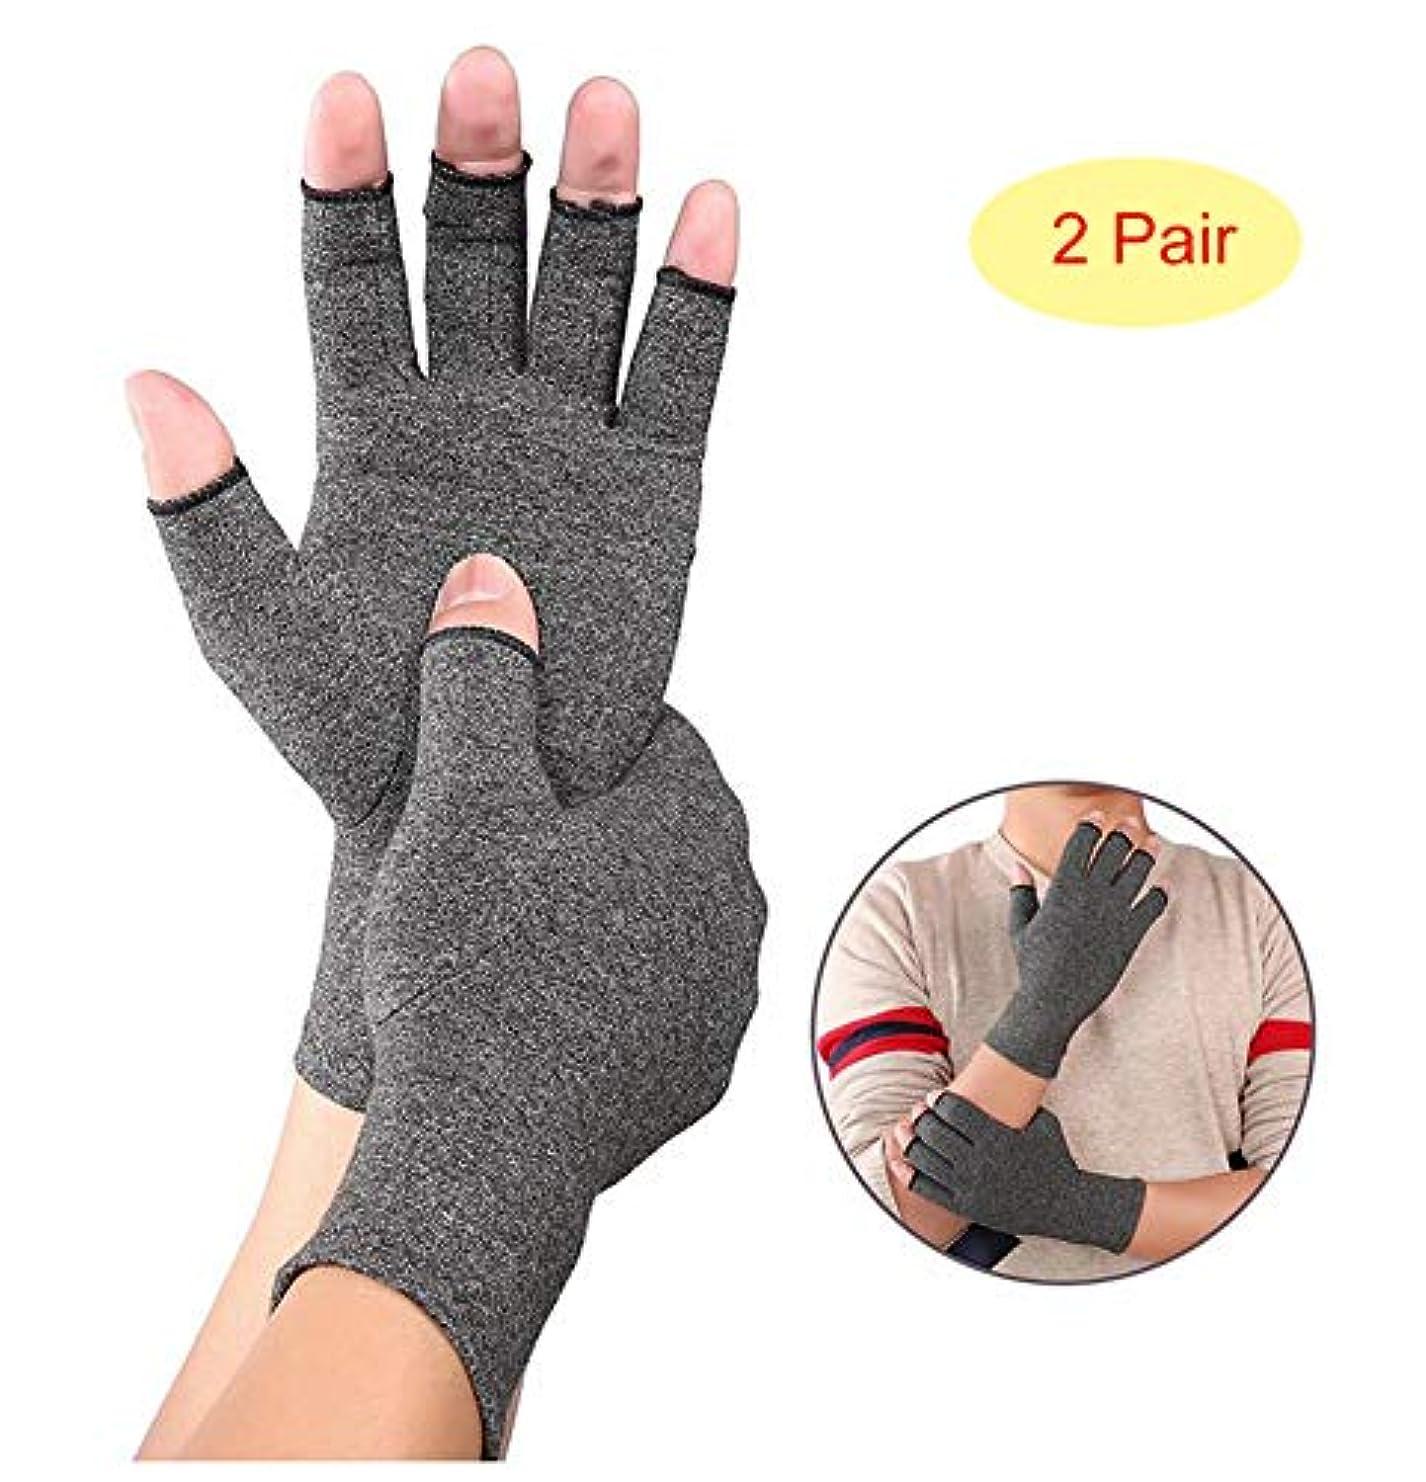 関節炎手袋、灰色通気性、毎日の仕事、手と関節の痛みの軽減のための抗関節炎の健康療法の圧縮手袋,2Pair,S